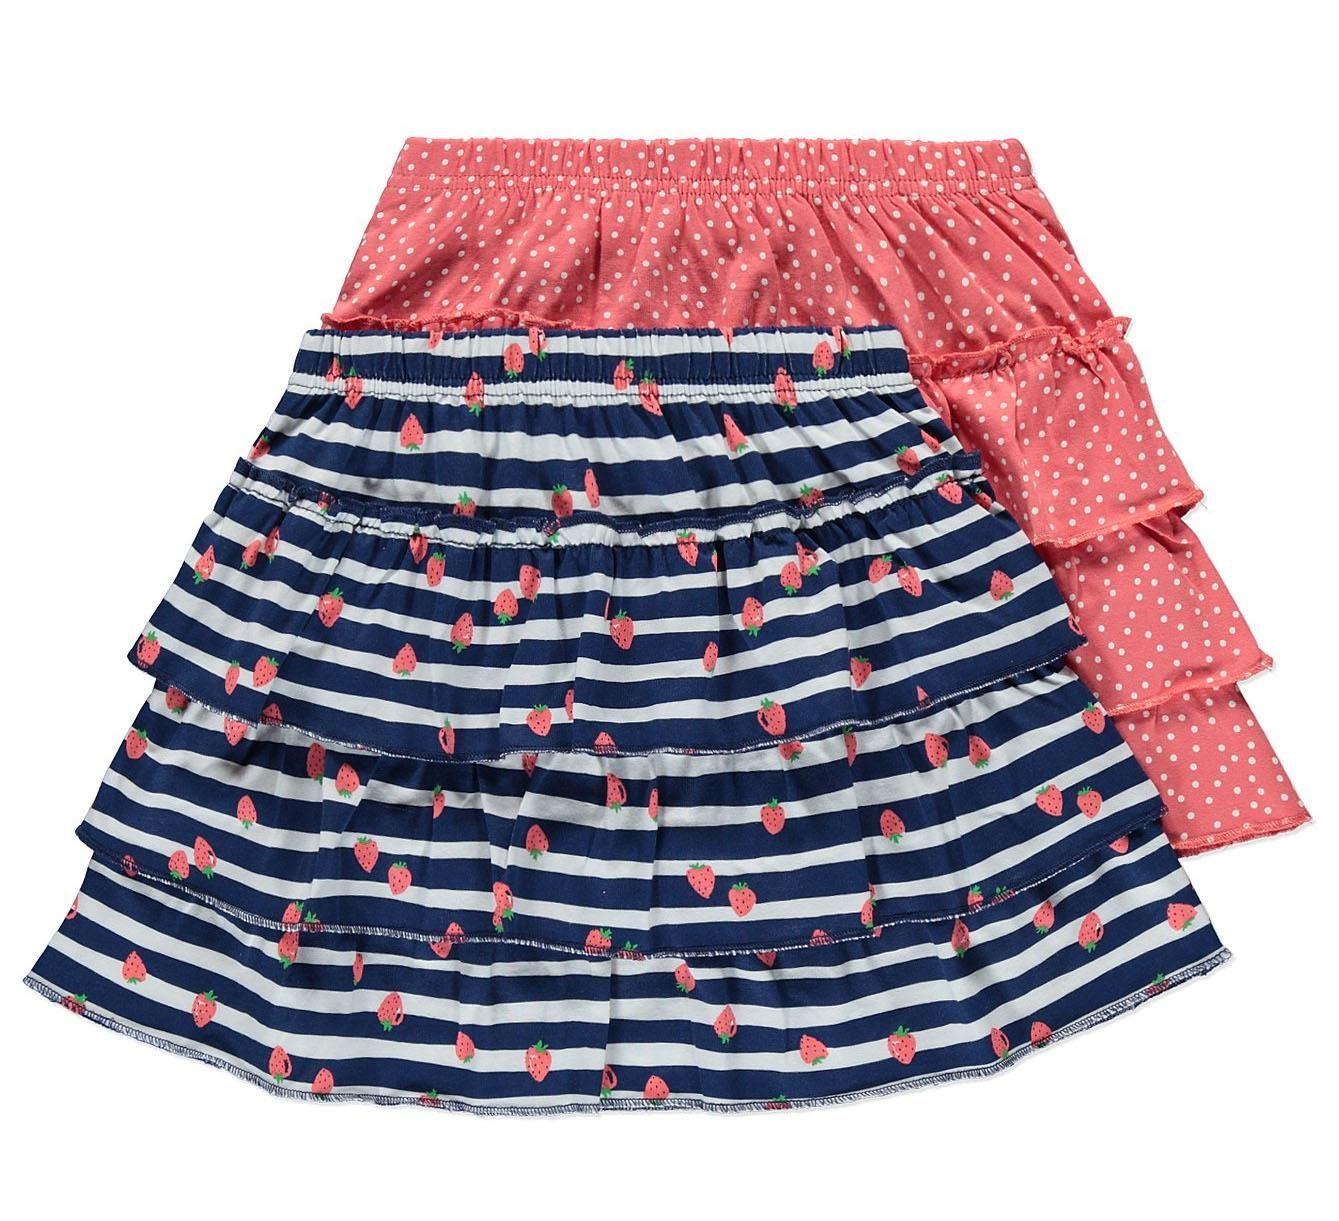 2d6889934f szoknya szett/2db epres pöttyös - szoknya - Ruha, szoknya, tunika - Pretty  Kids gyermekruha webáruház - új angol márkás minőségi gyerekruha nagy ...